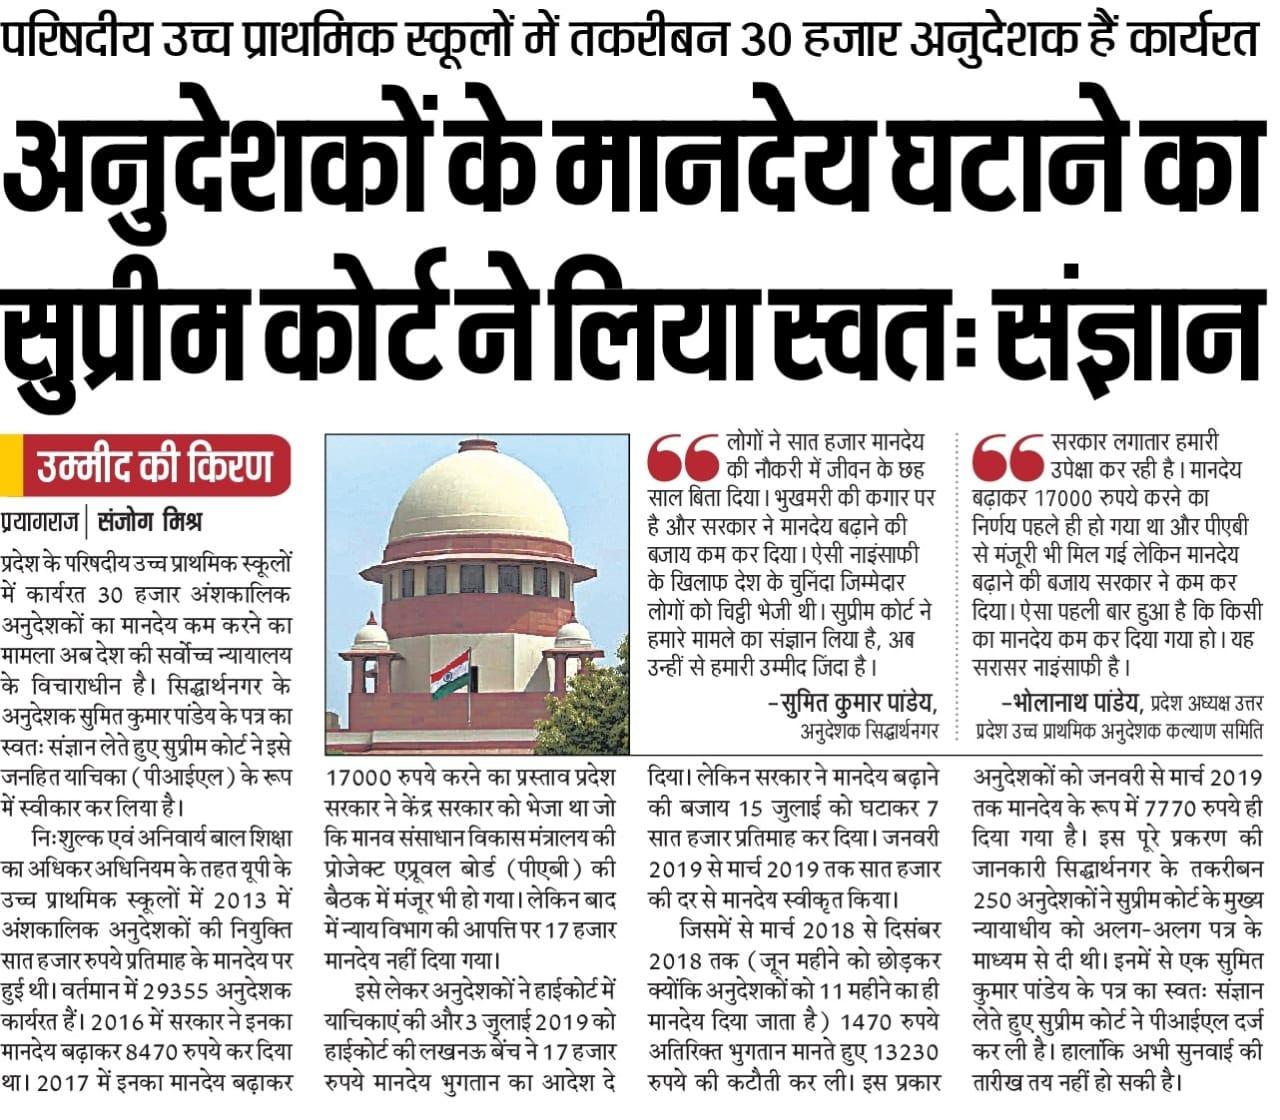 प्रयागराज - anudeshak mandeya घटाने का supreme court  ने लिया स्वतः संज्ञान,  अनुदेशकों के पत्रों के जरिये कोर्ट में दर्ज हुई PIL, सुनवाई की तारीख अभी तय नहीं